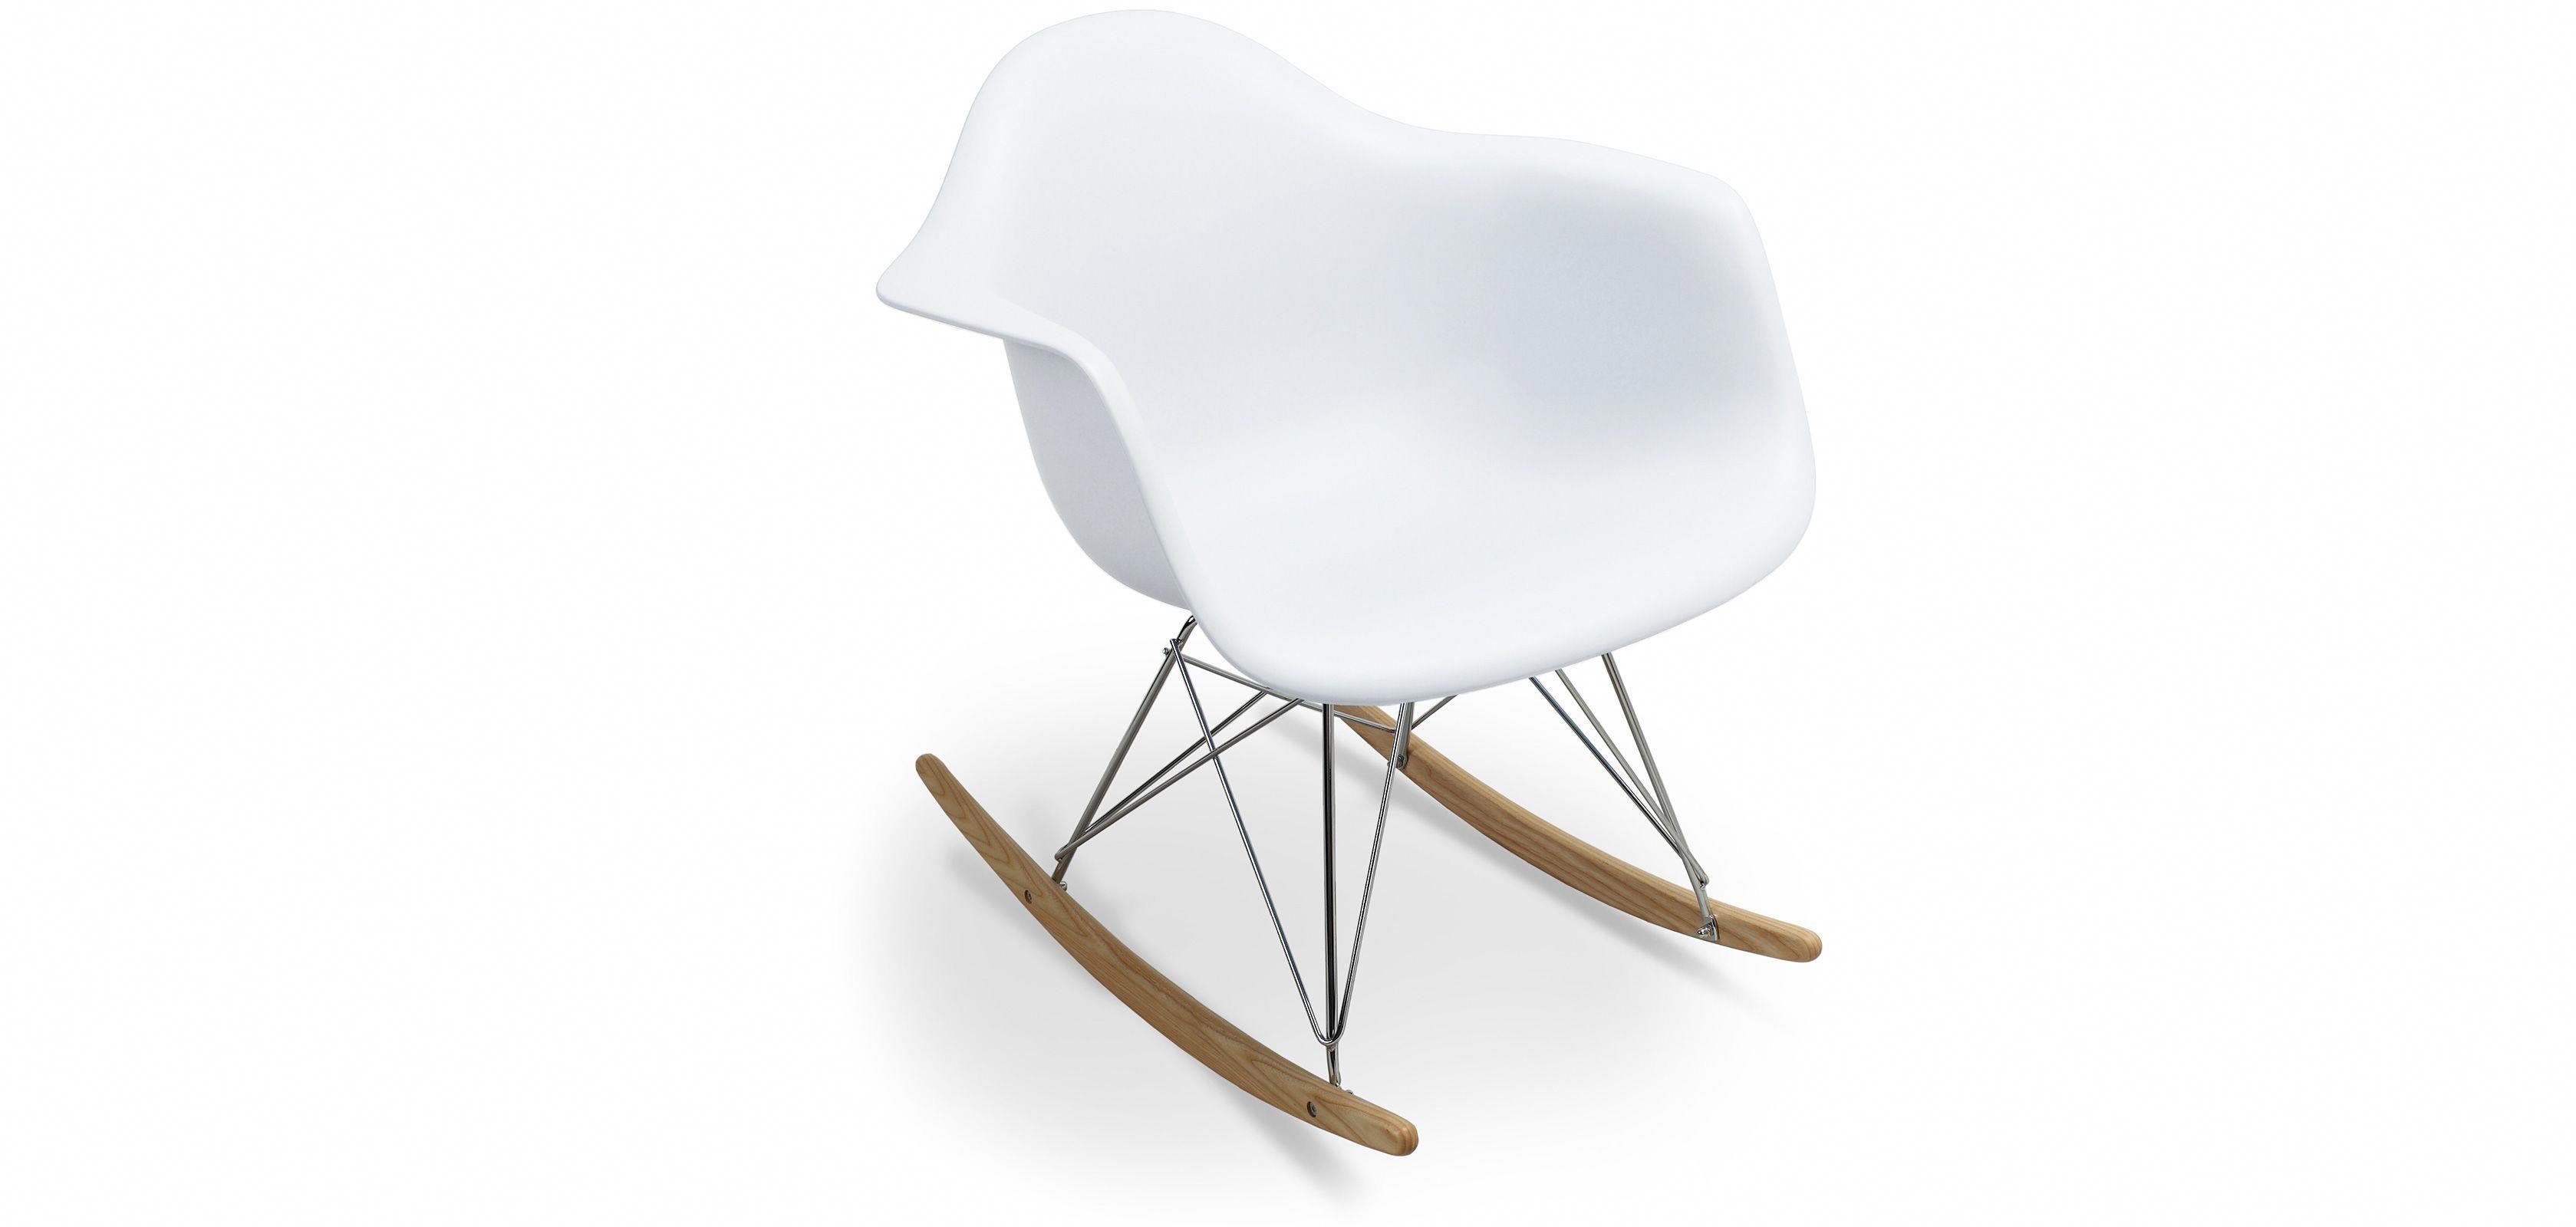 Chaise à bascule - Rocking Chair - RAR reproduction inspirée Charles Eames  - Bakélite  eamesrockingchair bede4f0c449e